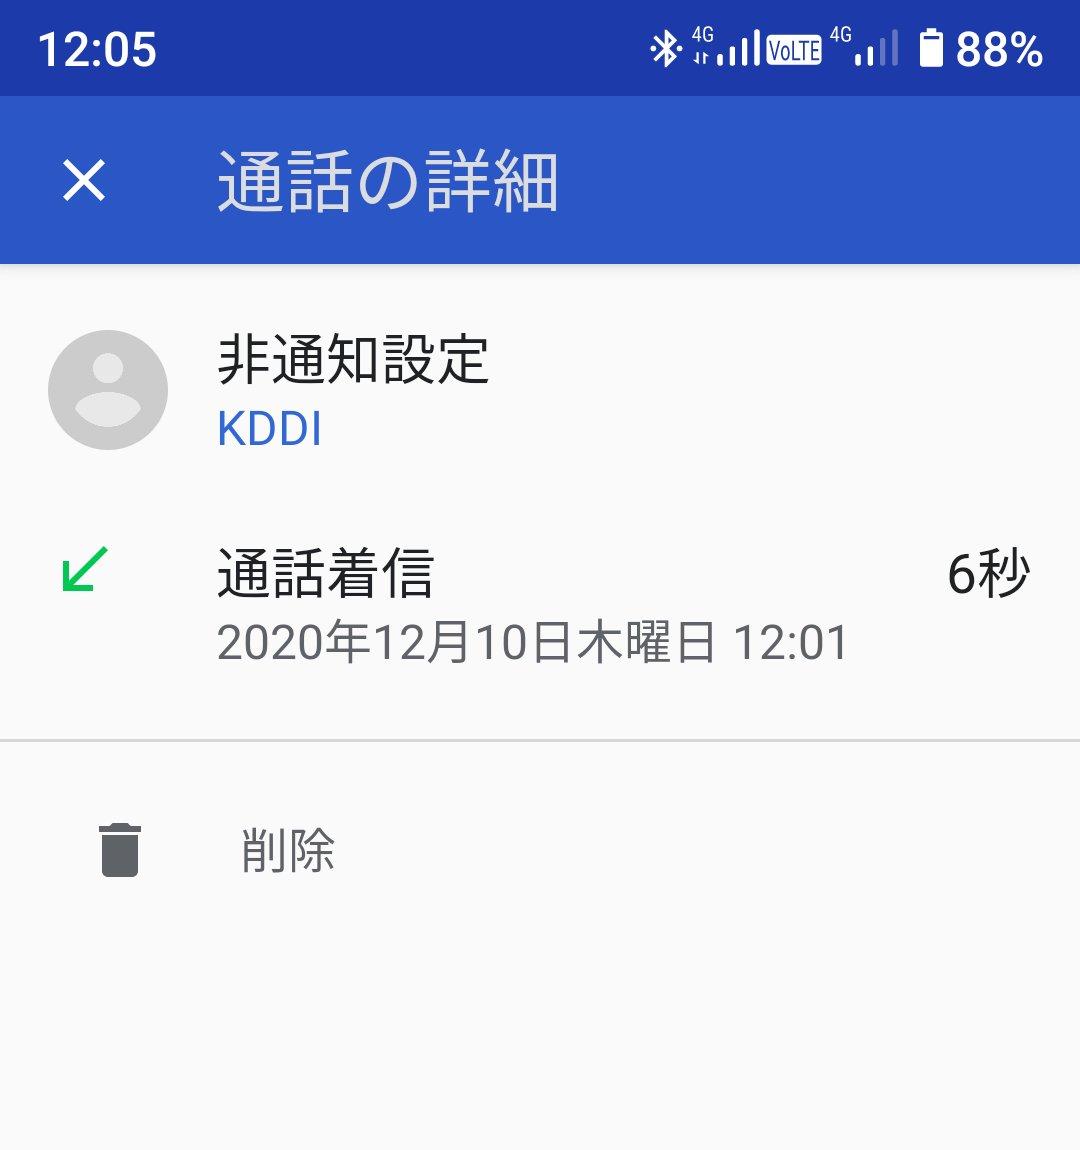 中国 語 通知 電話 非